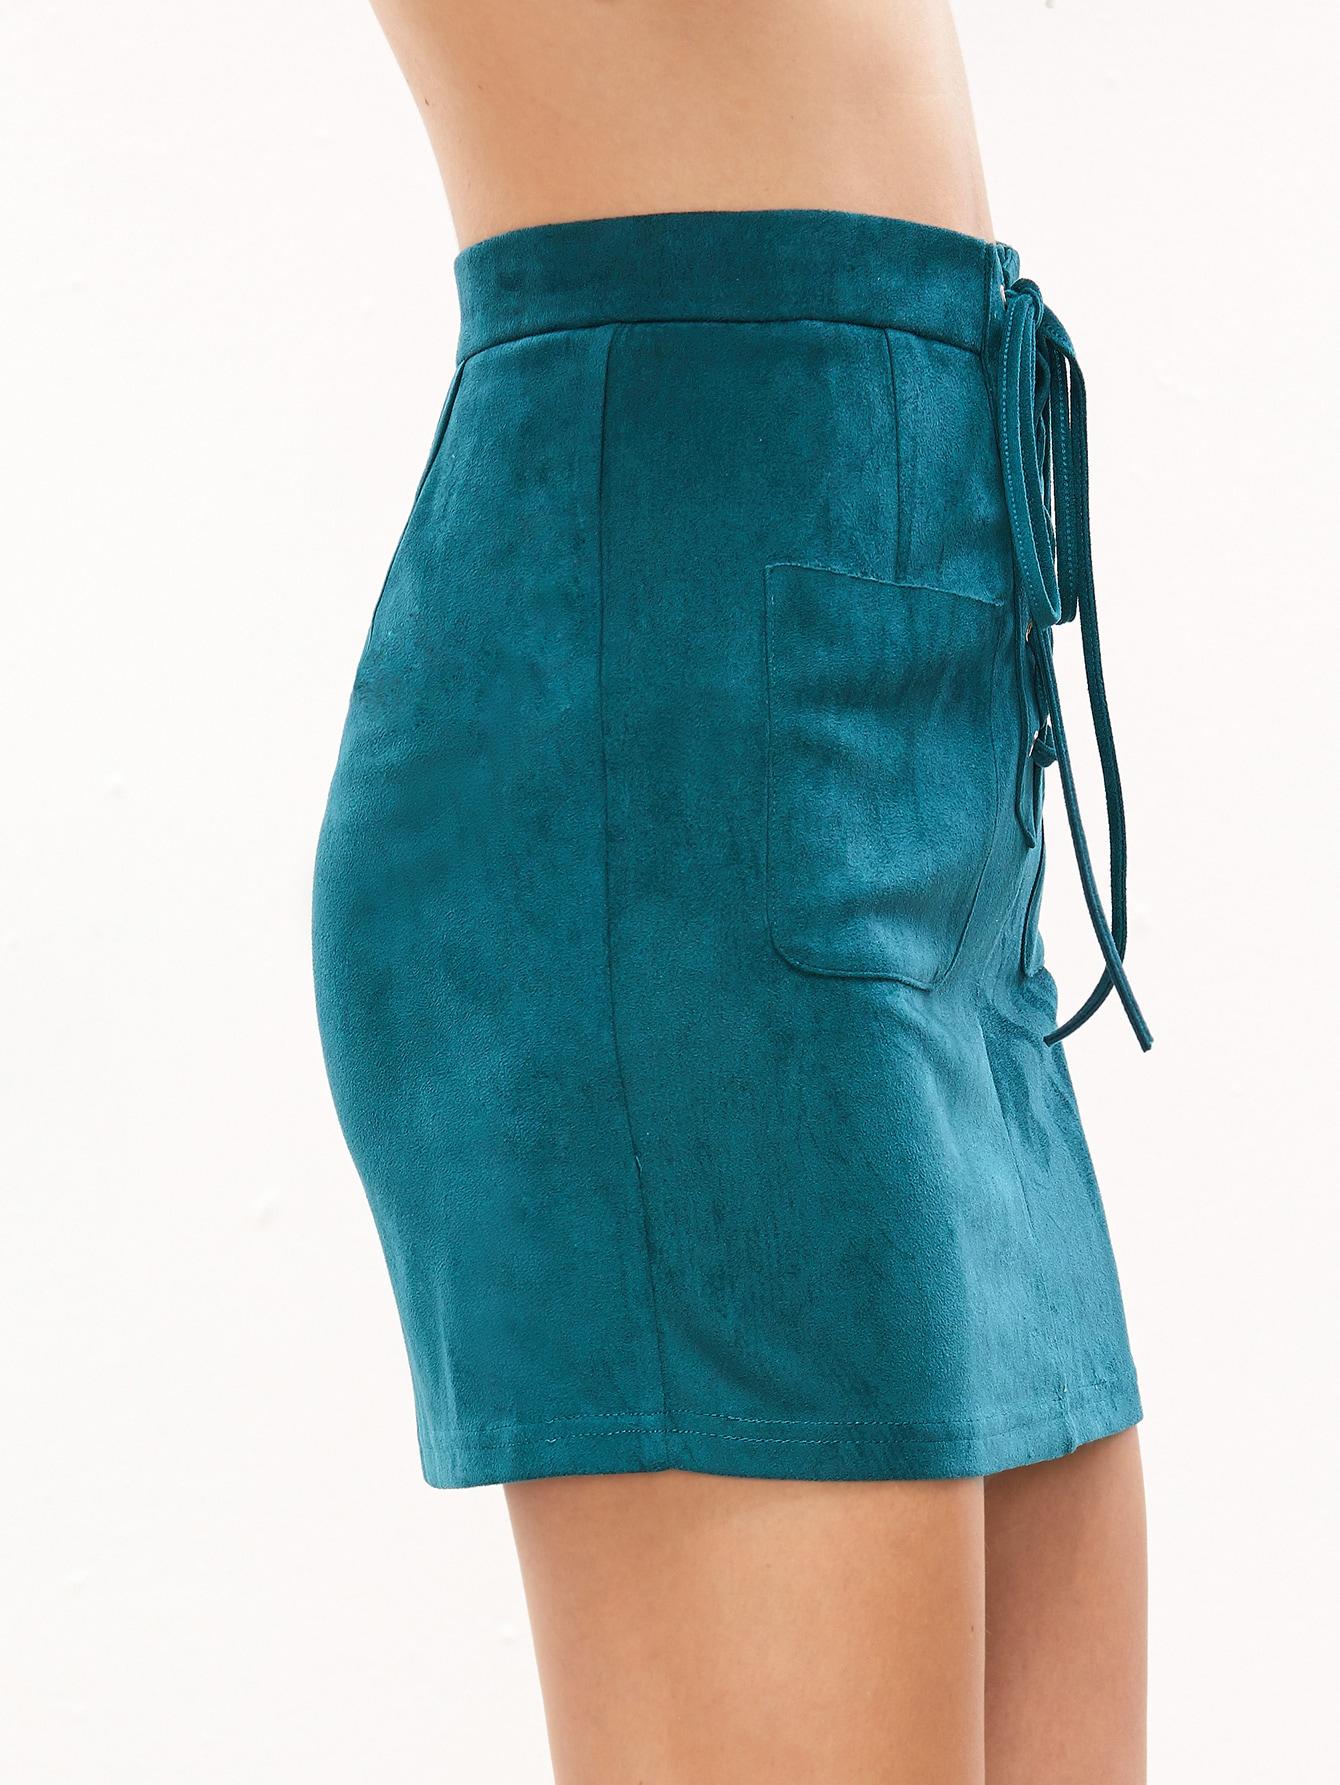 skirt161129702_2